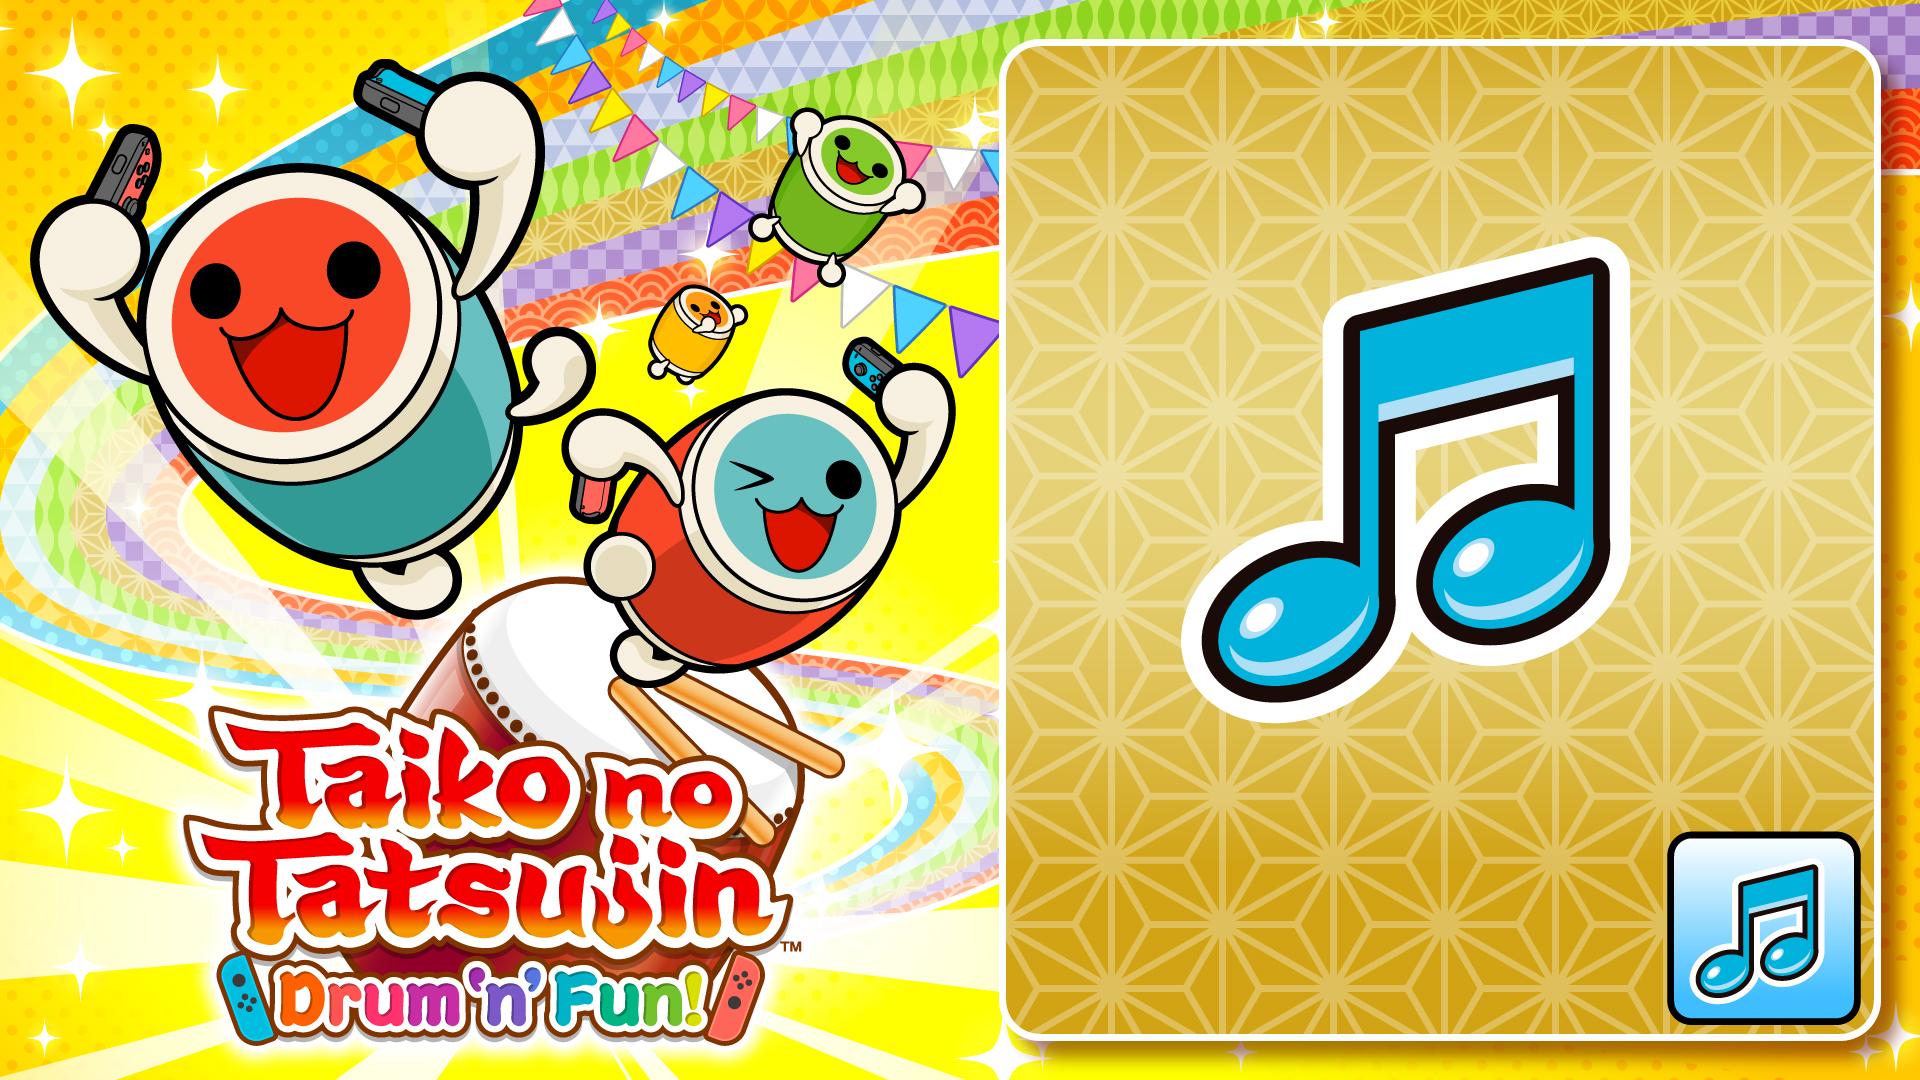 Taiko no Tatsujin: Drum 'n' Fun! From Symphony No. 7